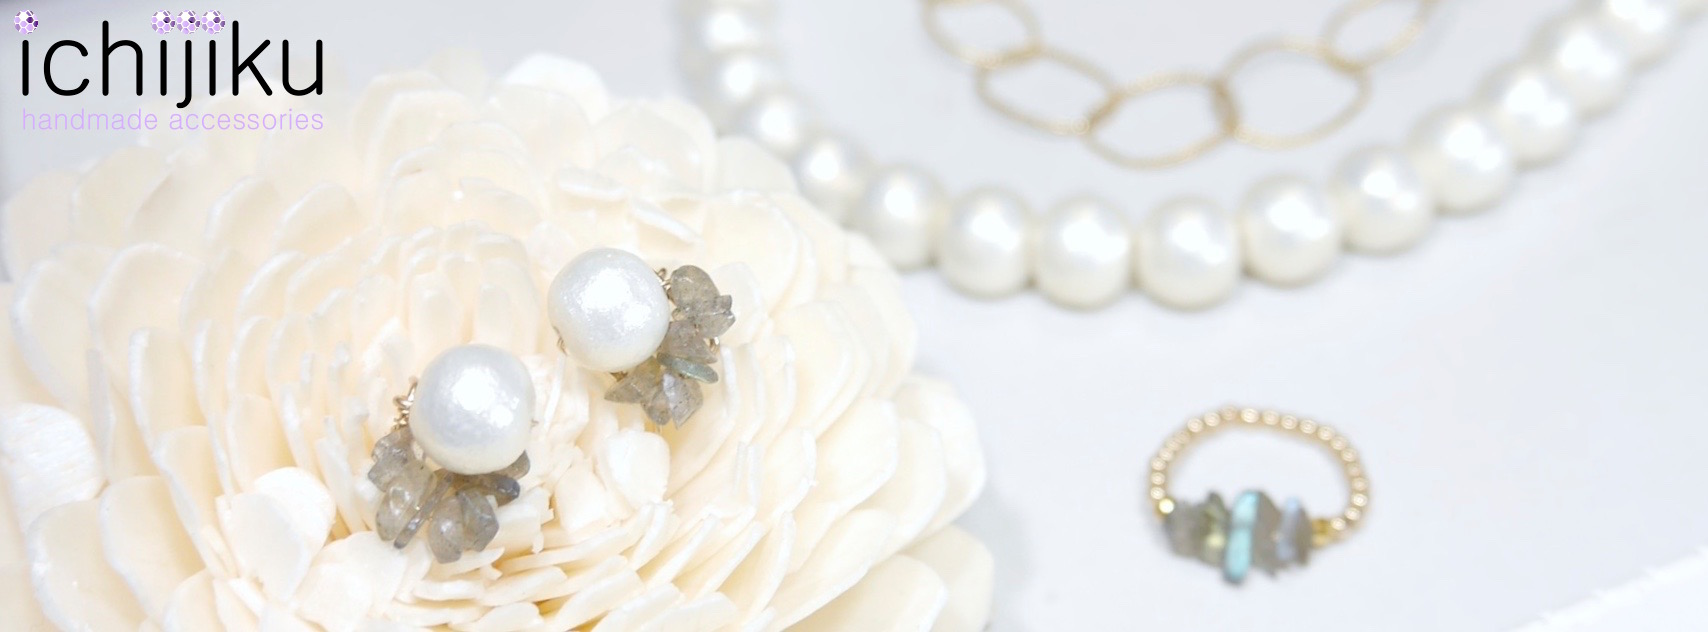 ichijiku handmade accessory)